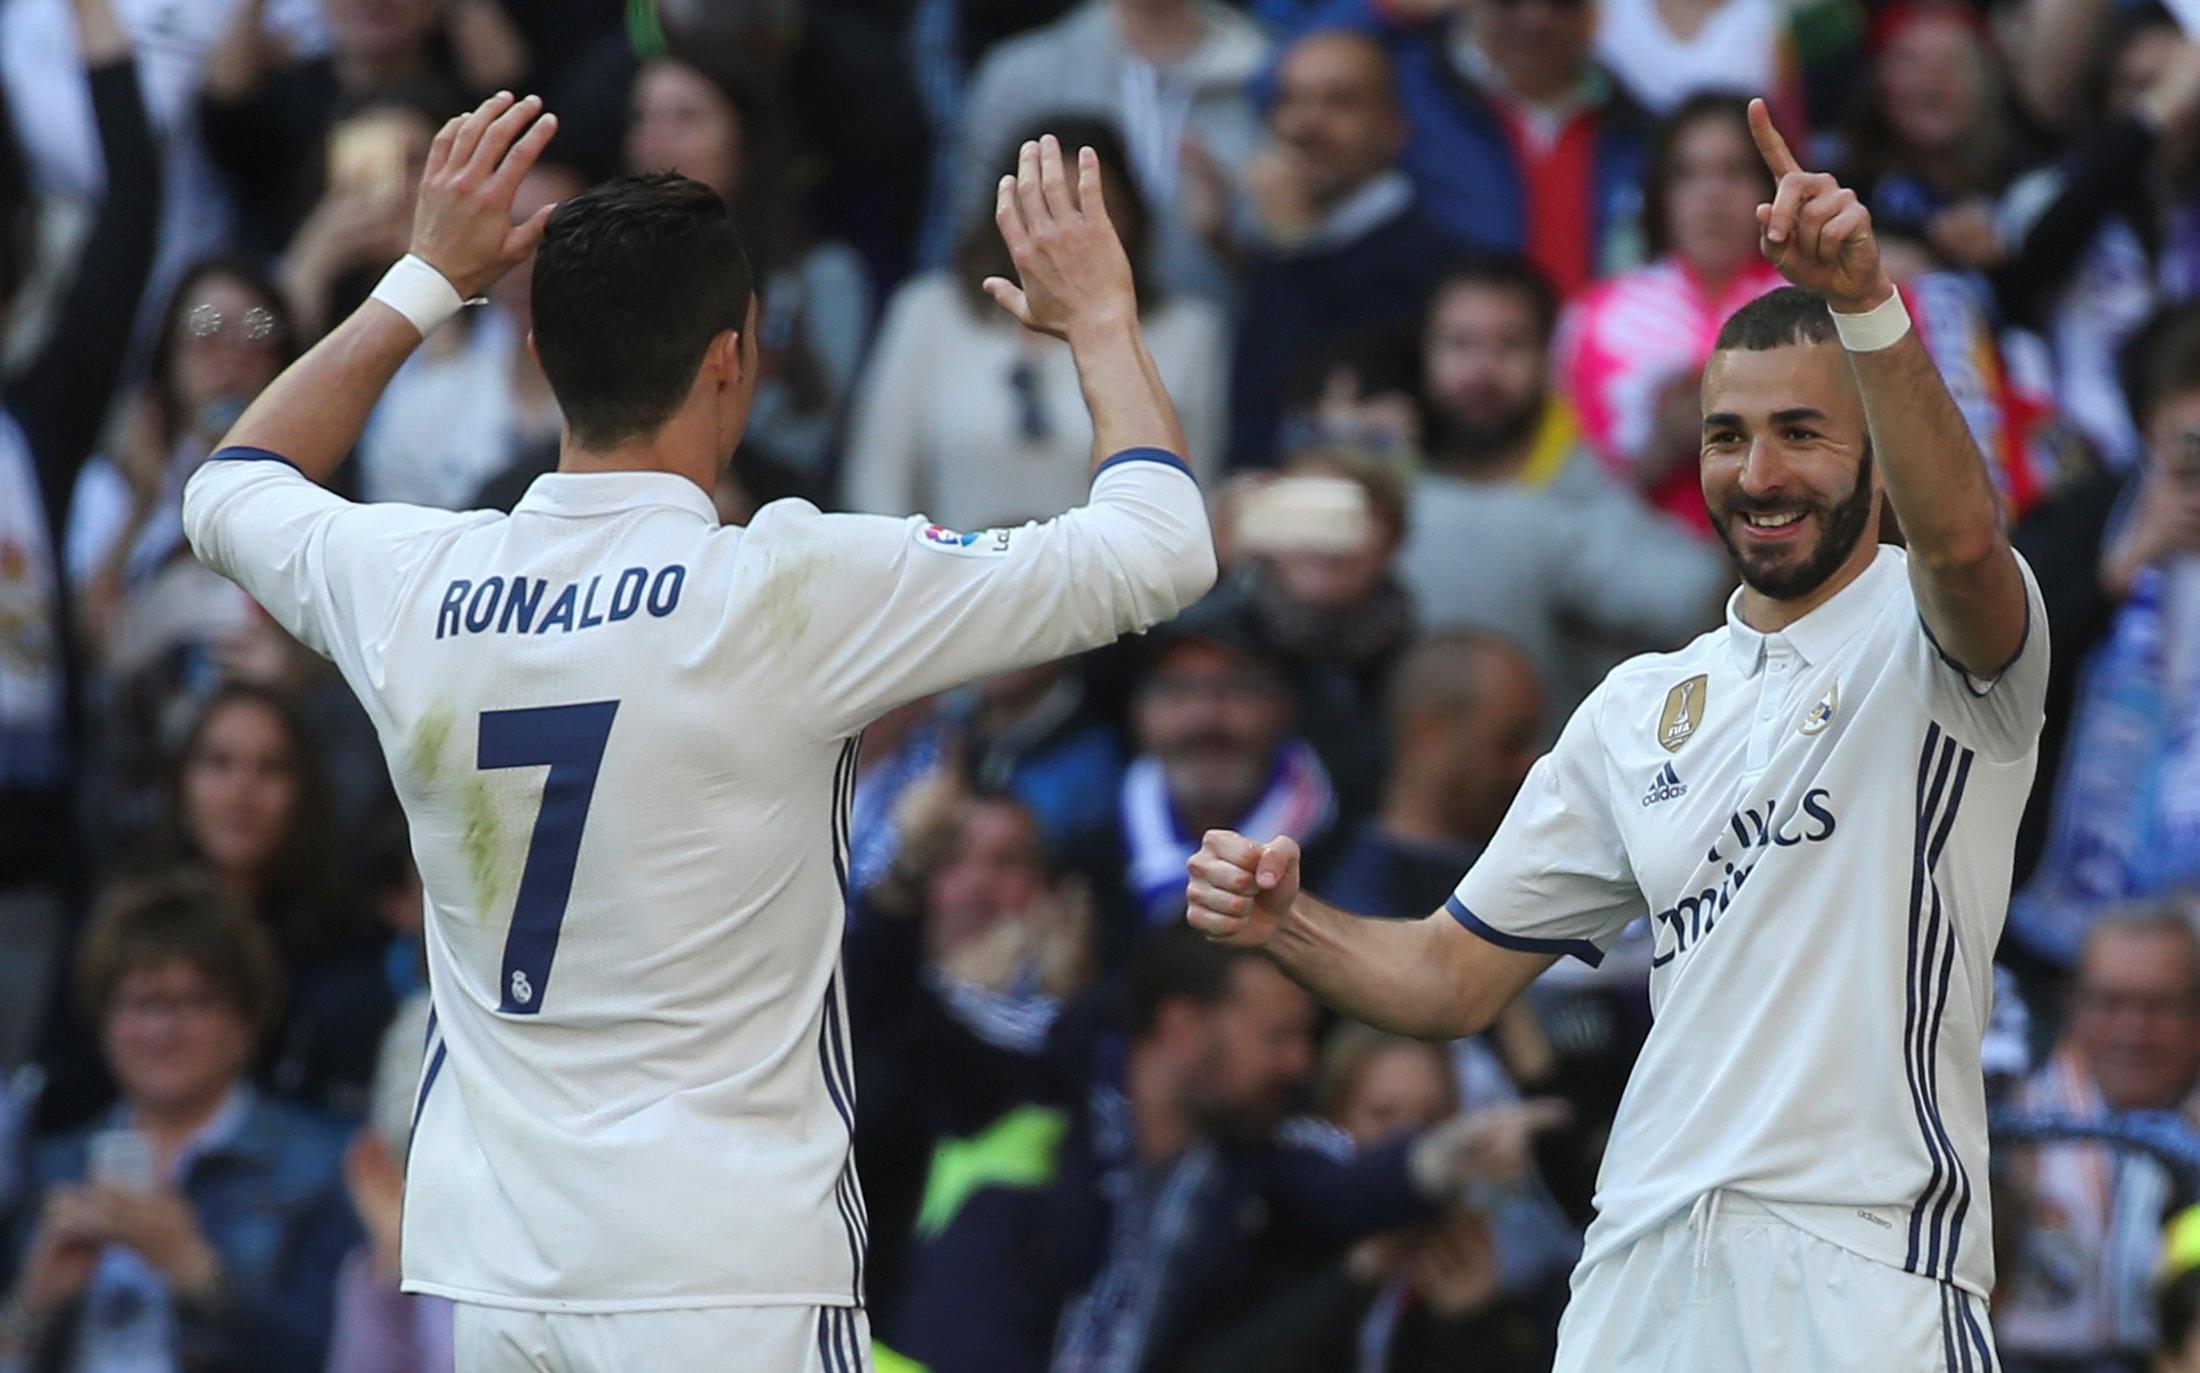 El Real Madrid vence 3-0 al Alavés y mete presión al Barcelona